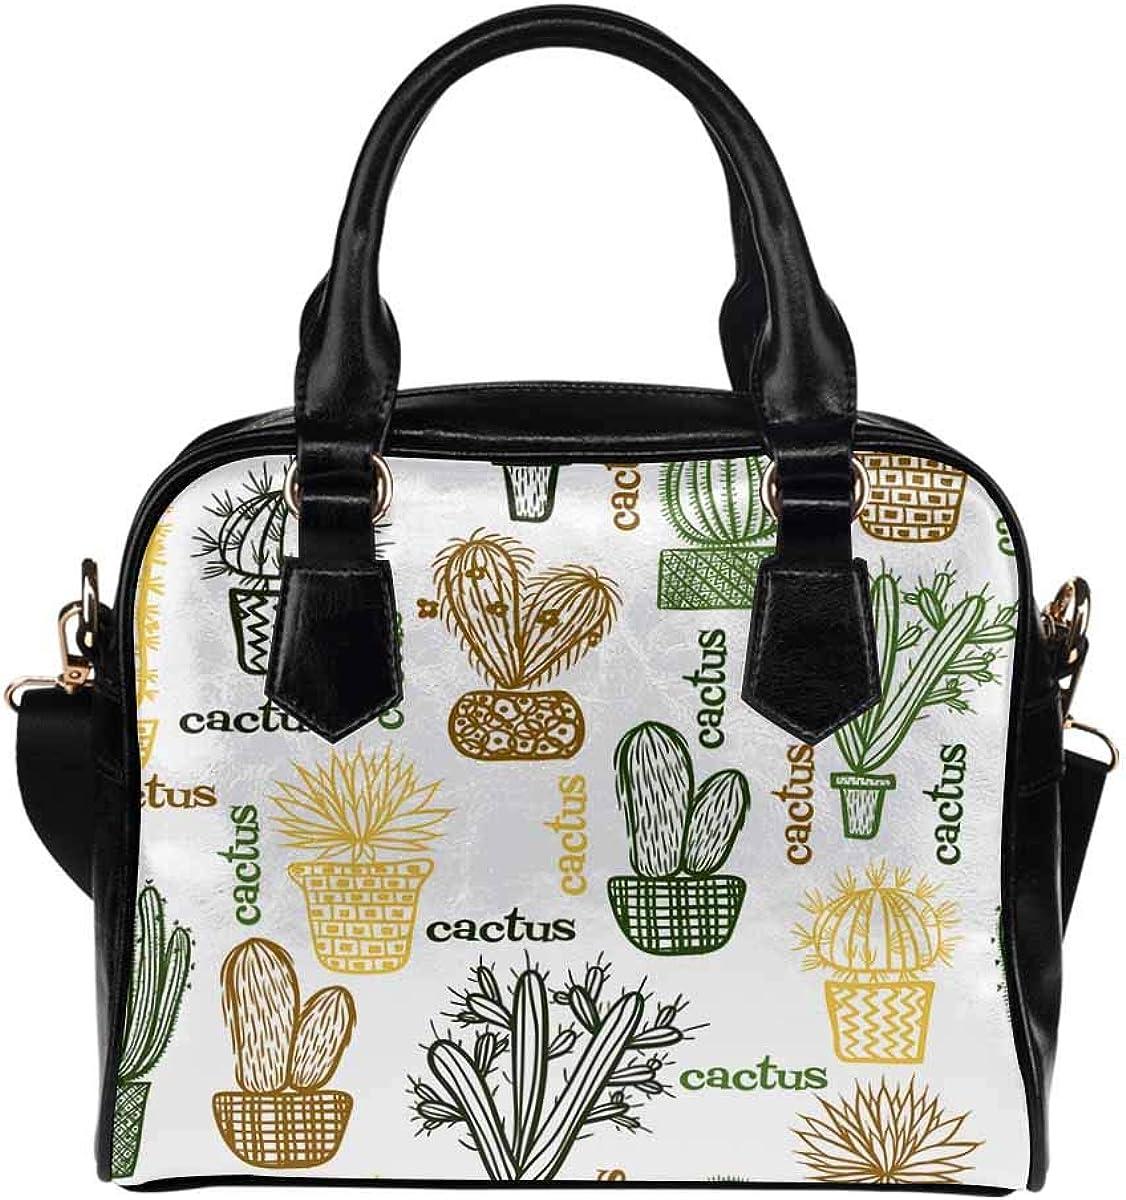 InterestPrint Funny Design Women's PU Leather Purse Handbag Shoulder Bag